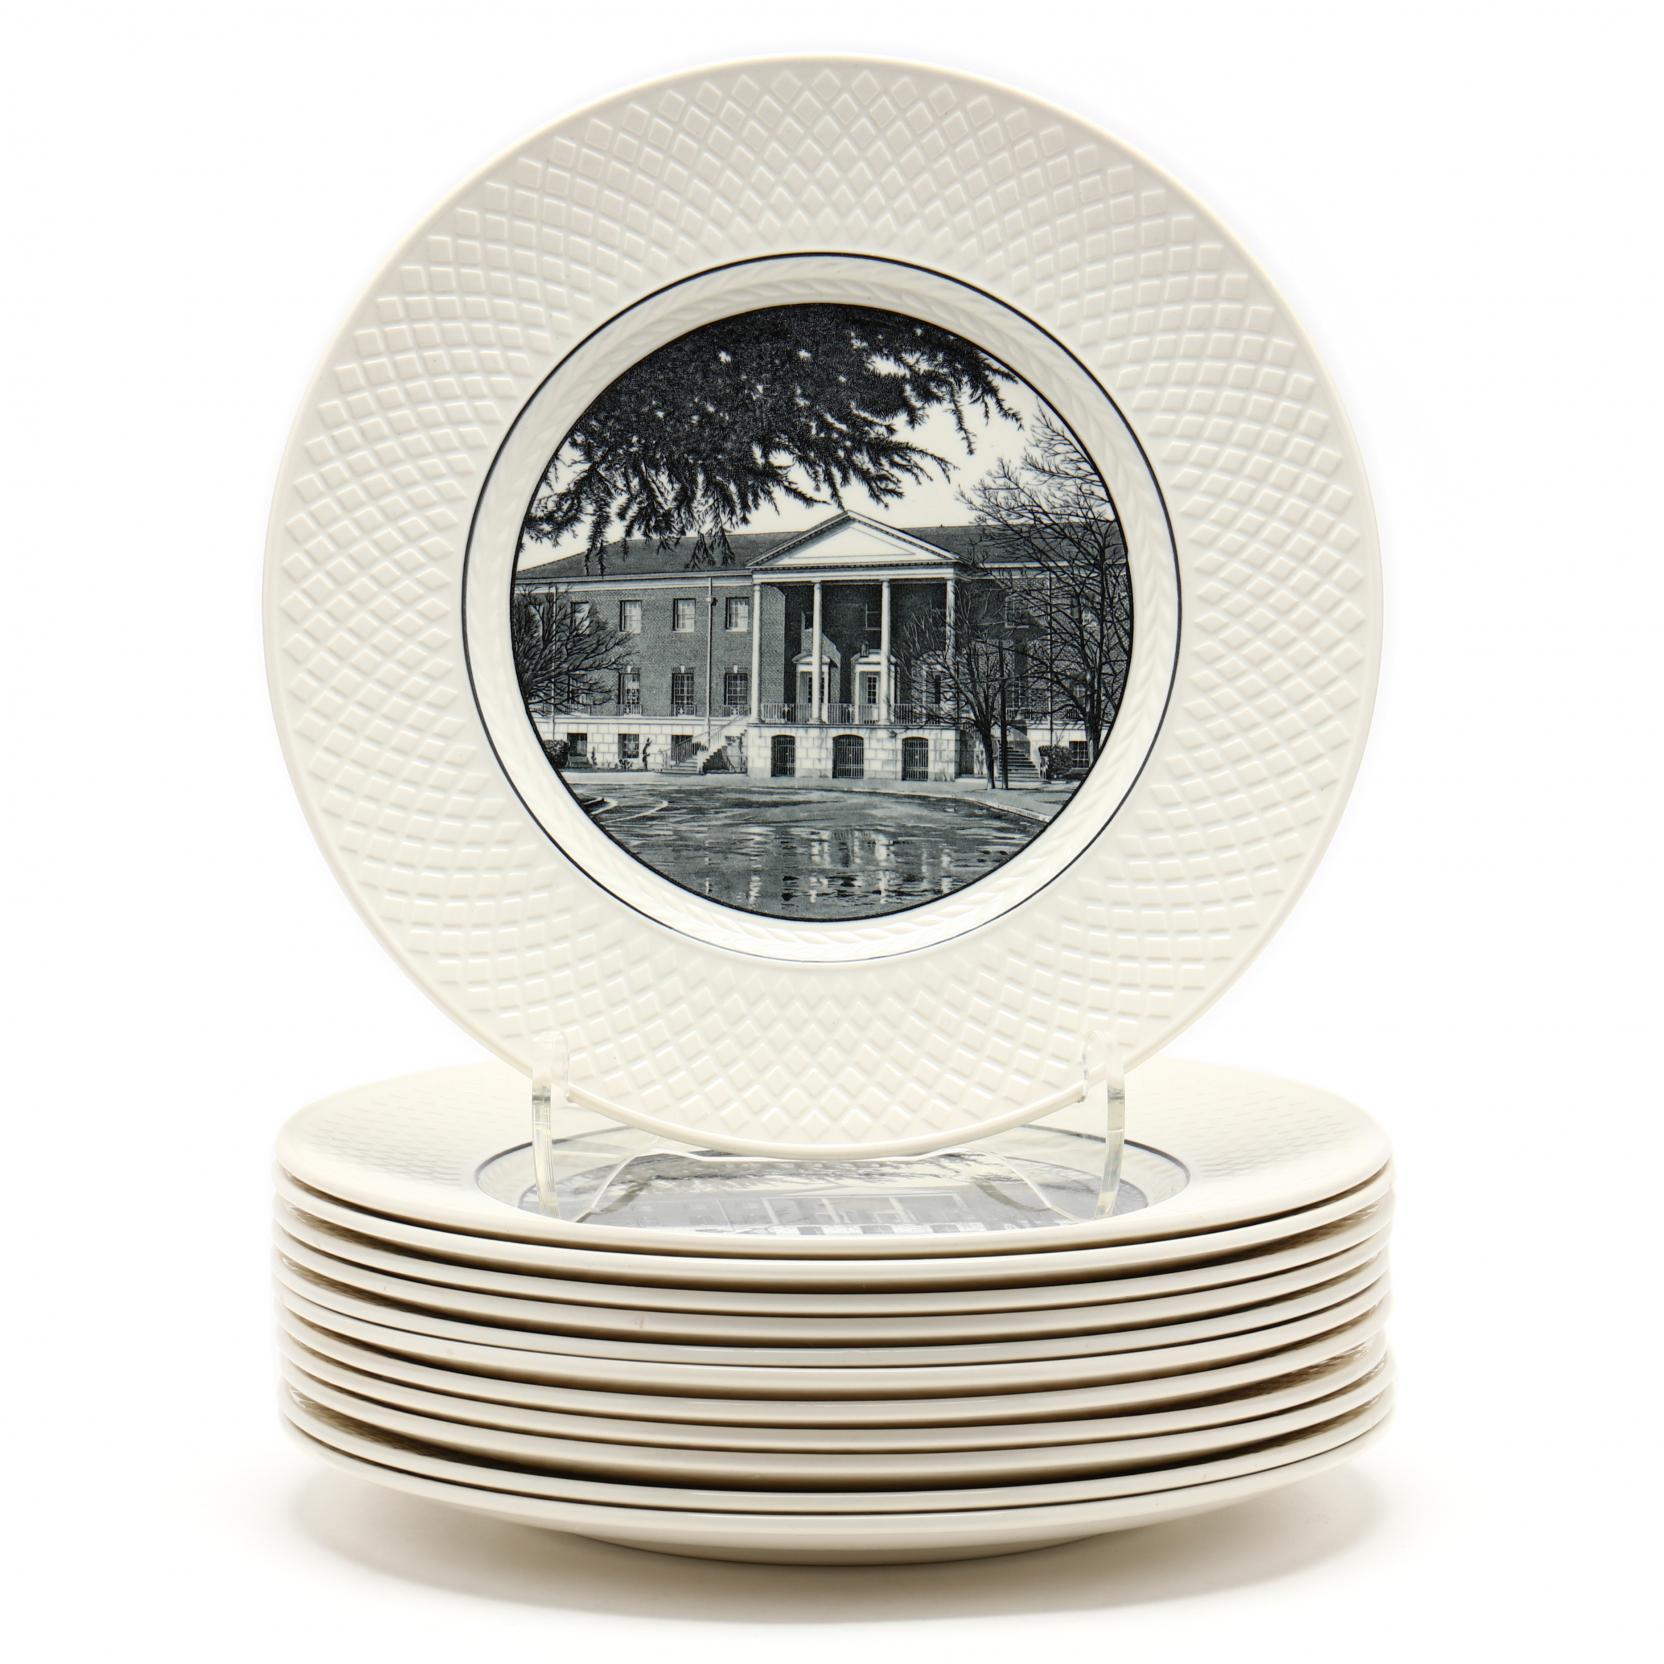 a-set-of-12-spode-s-mansard-nc-commemorative-plates